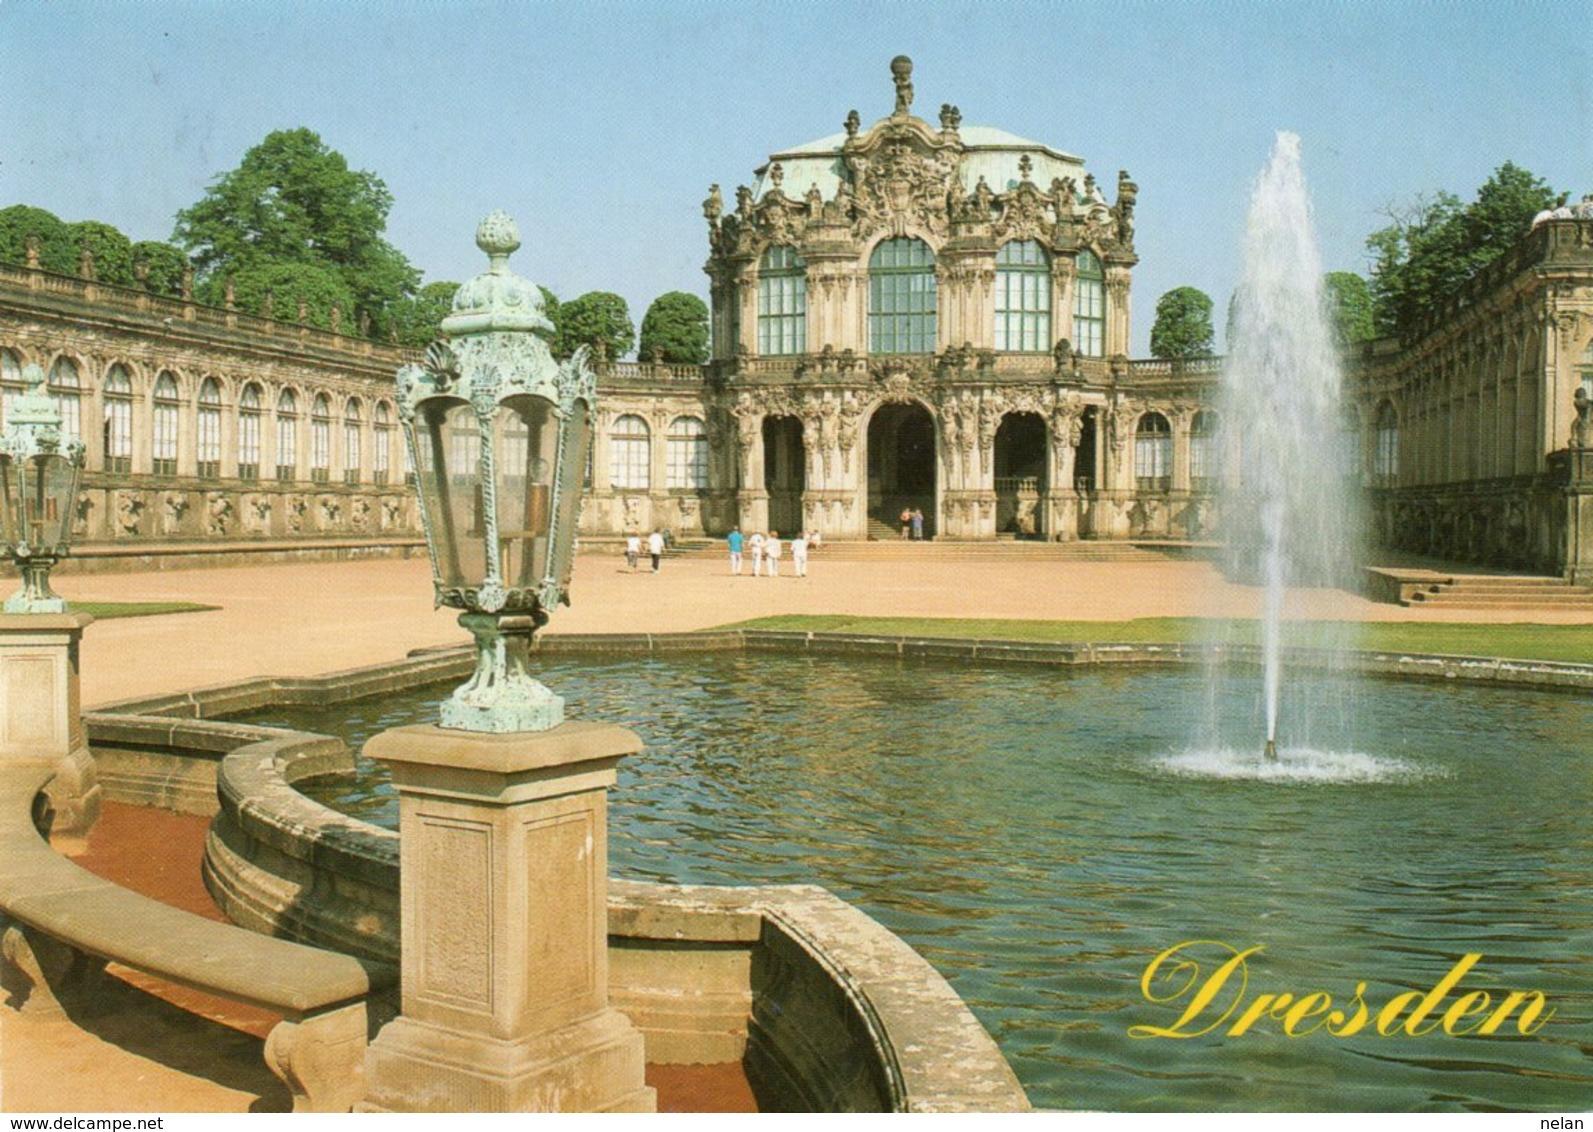 DRESDEN-NON VIAGGIATA - Dresden